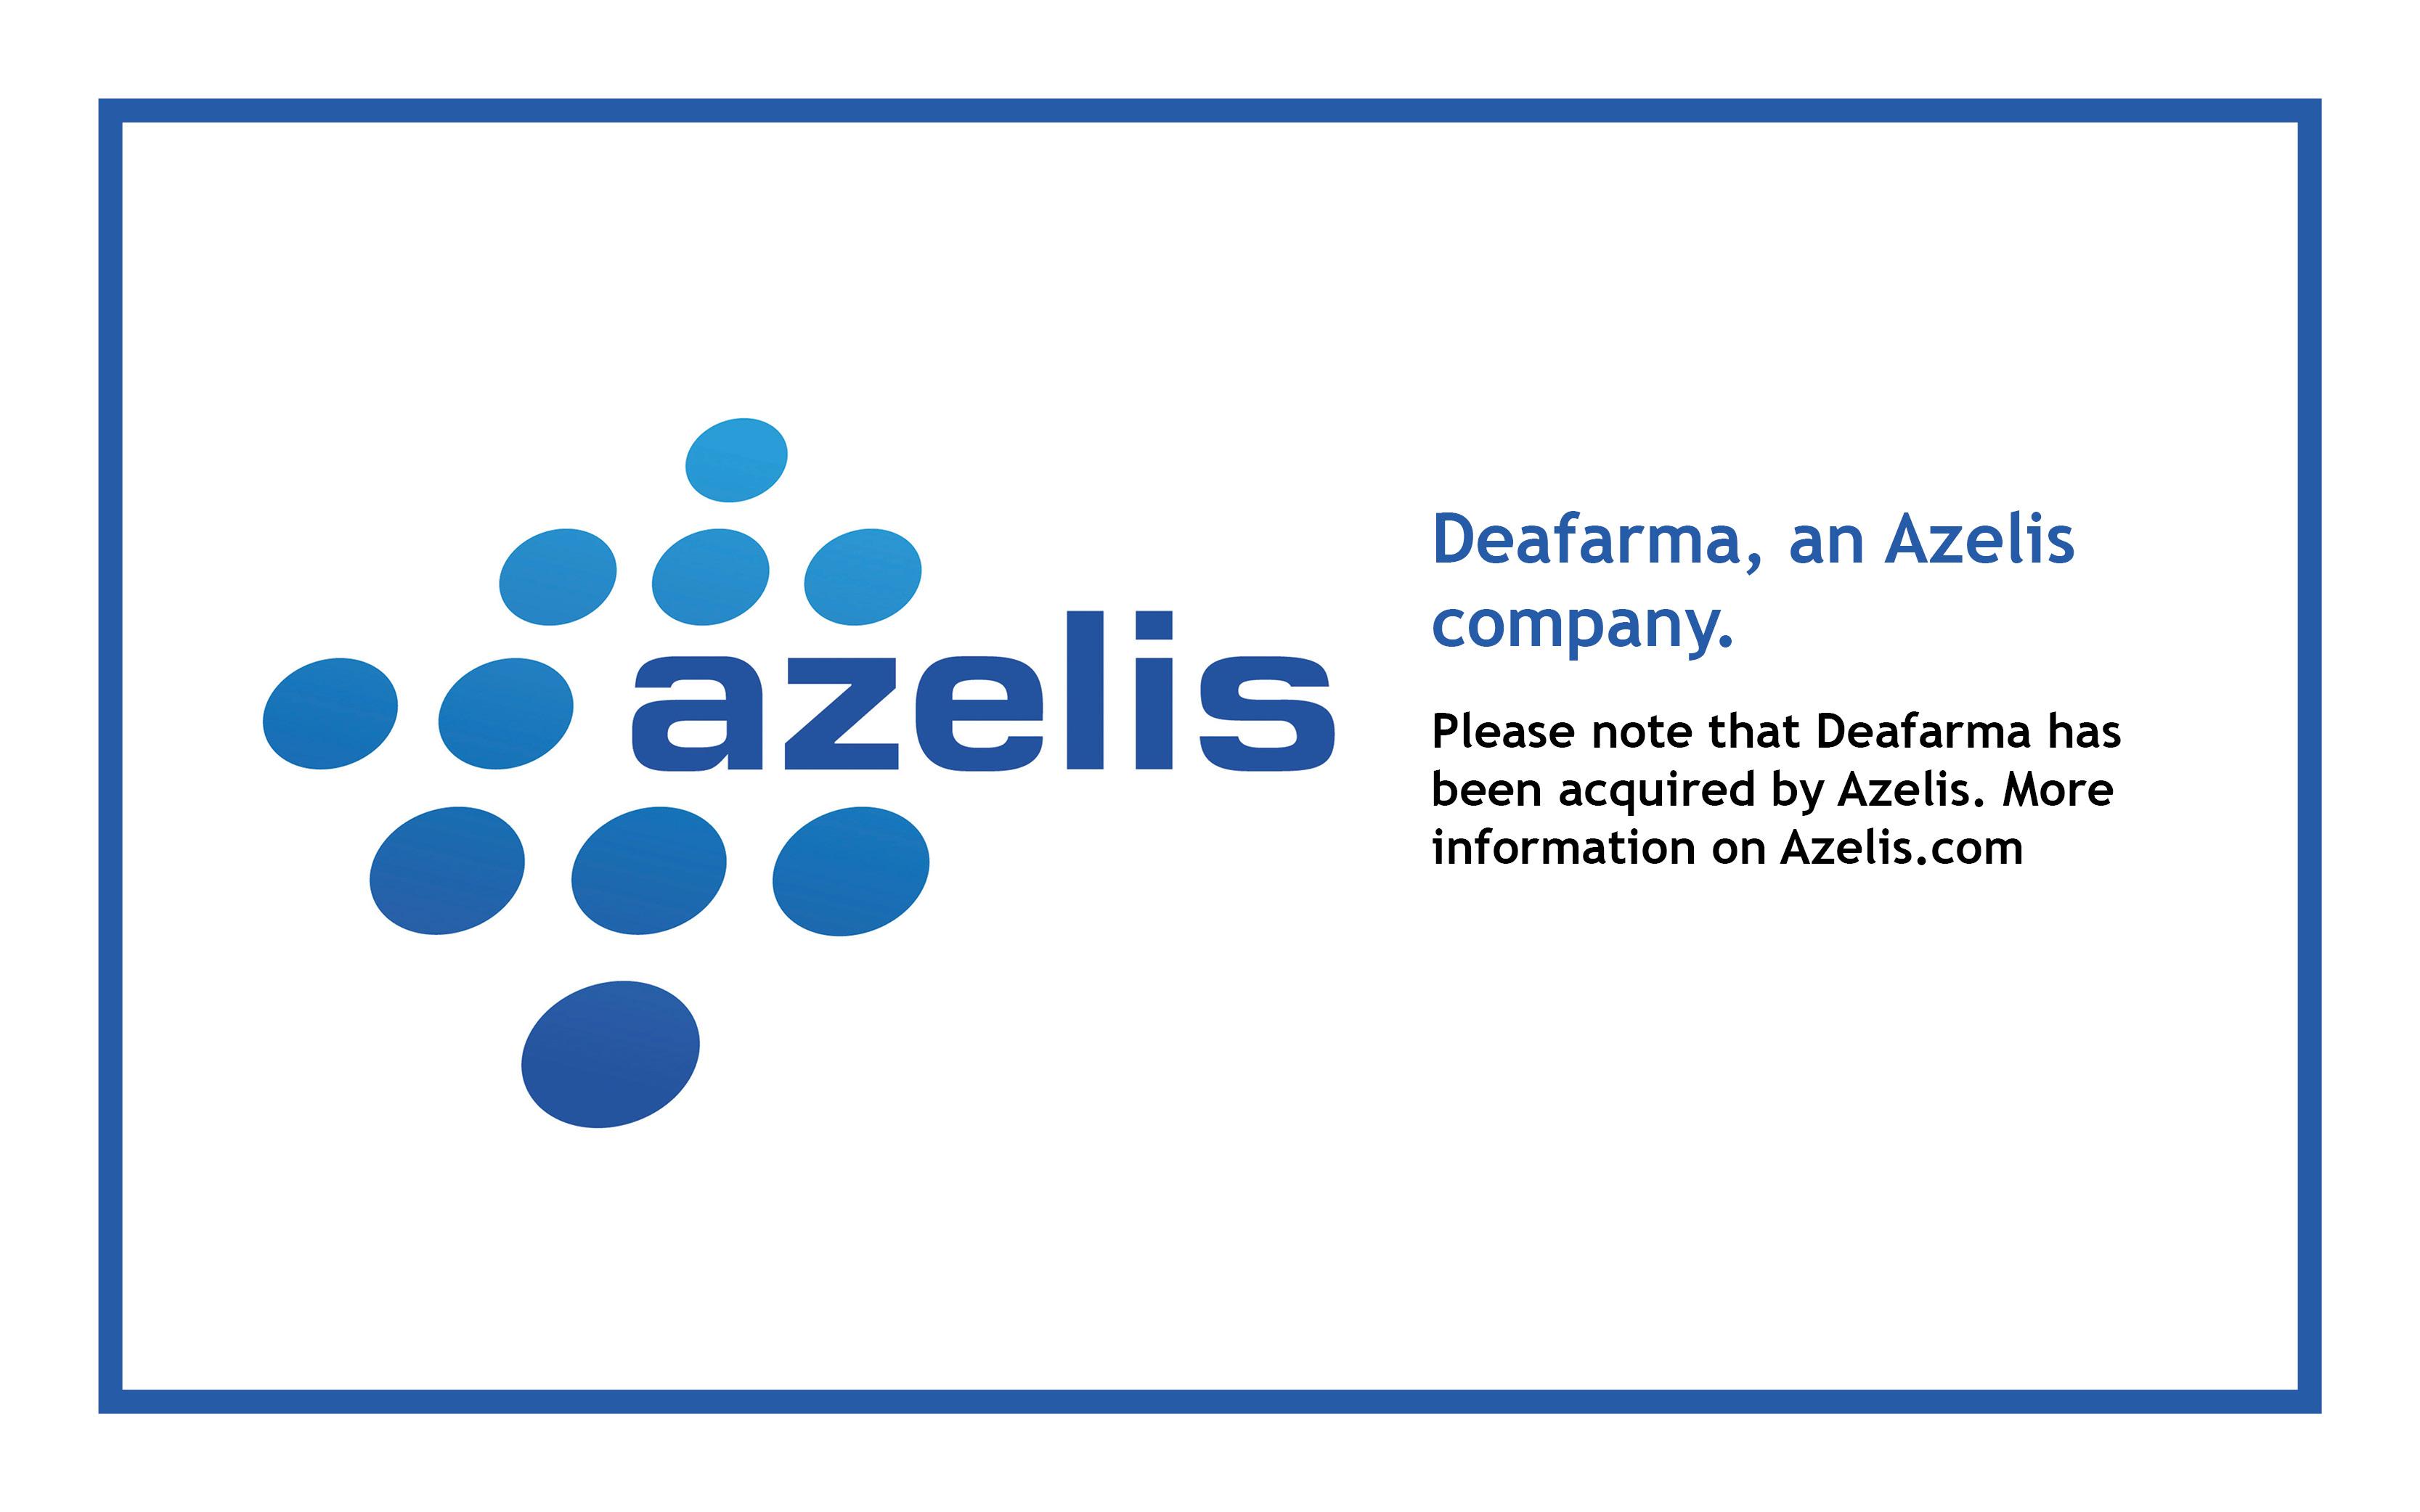 deafarma banner